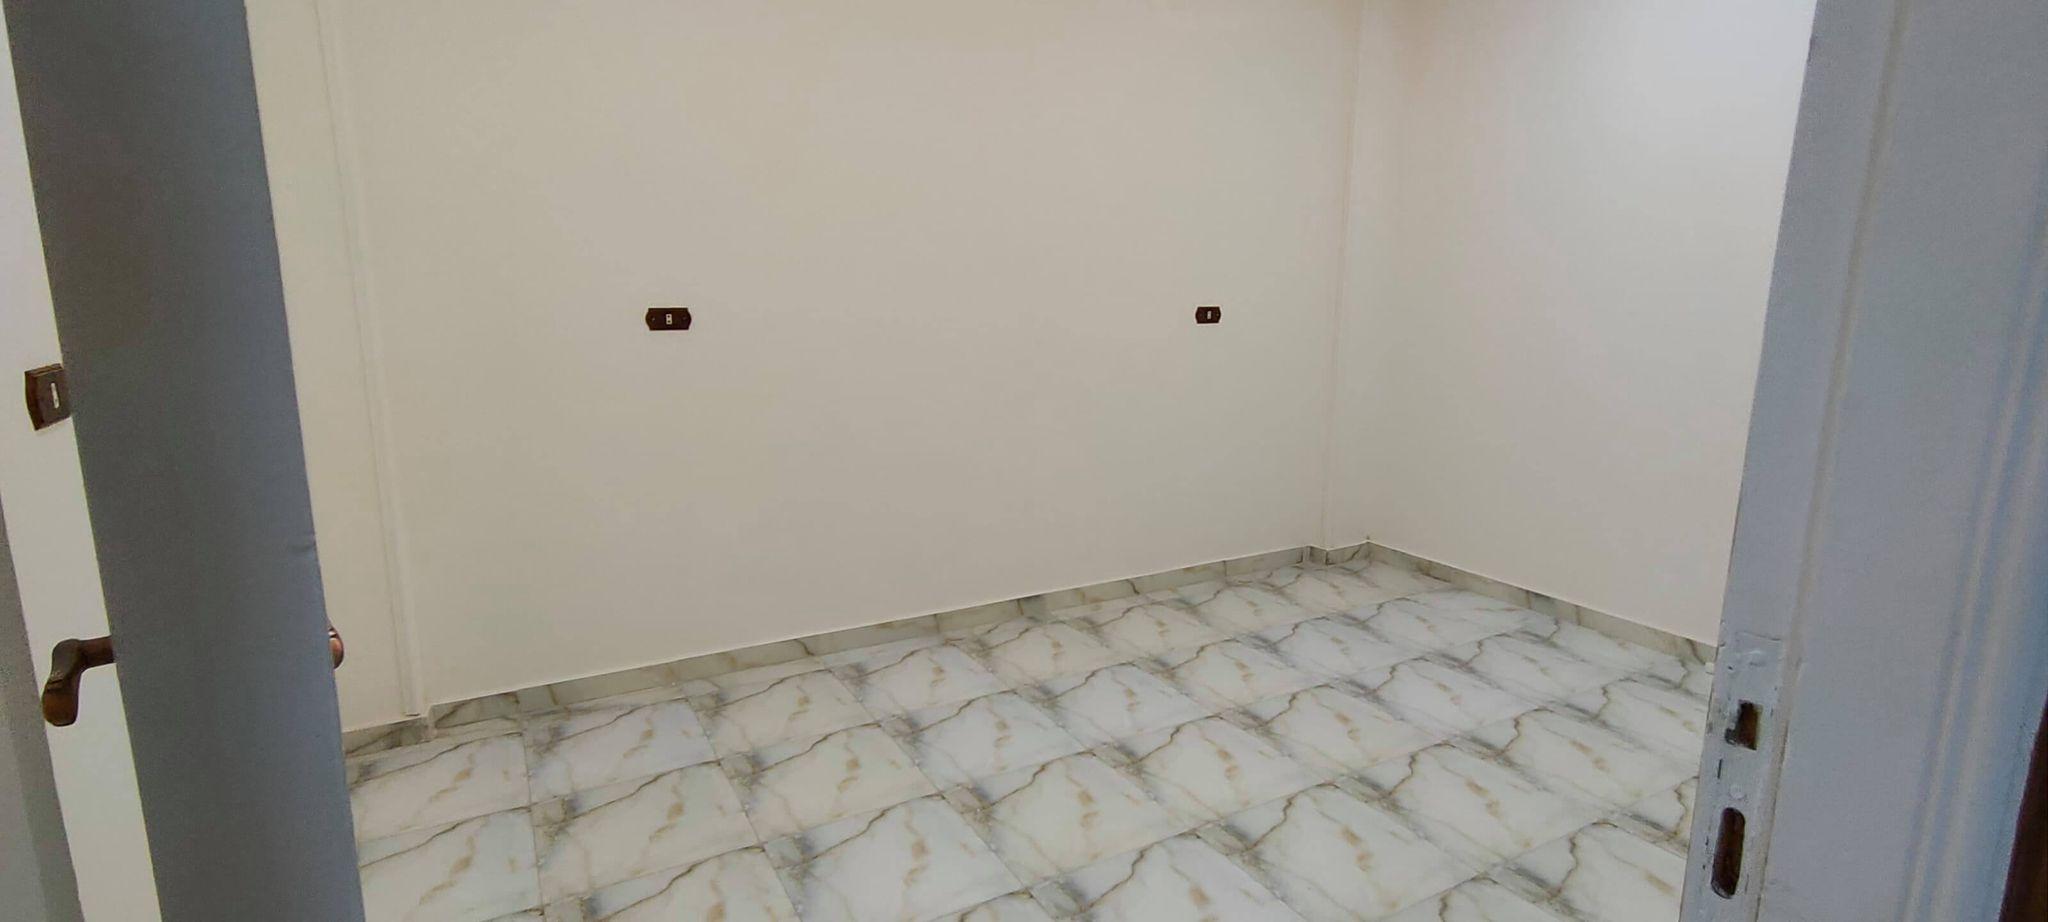 شقة ايجار مساحة 100 متر دور الرابع علوى بعمارة جديدة خلف سولو بلازا بالبر الشرقى من شركة الوسيط العقارية بشبين الكوم